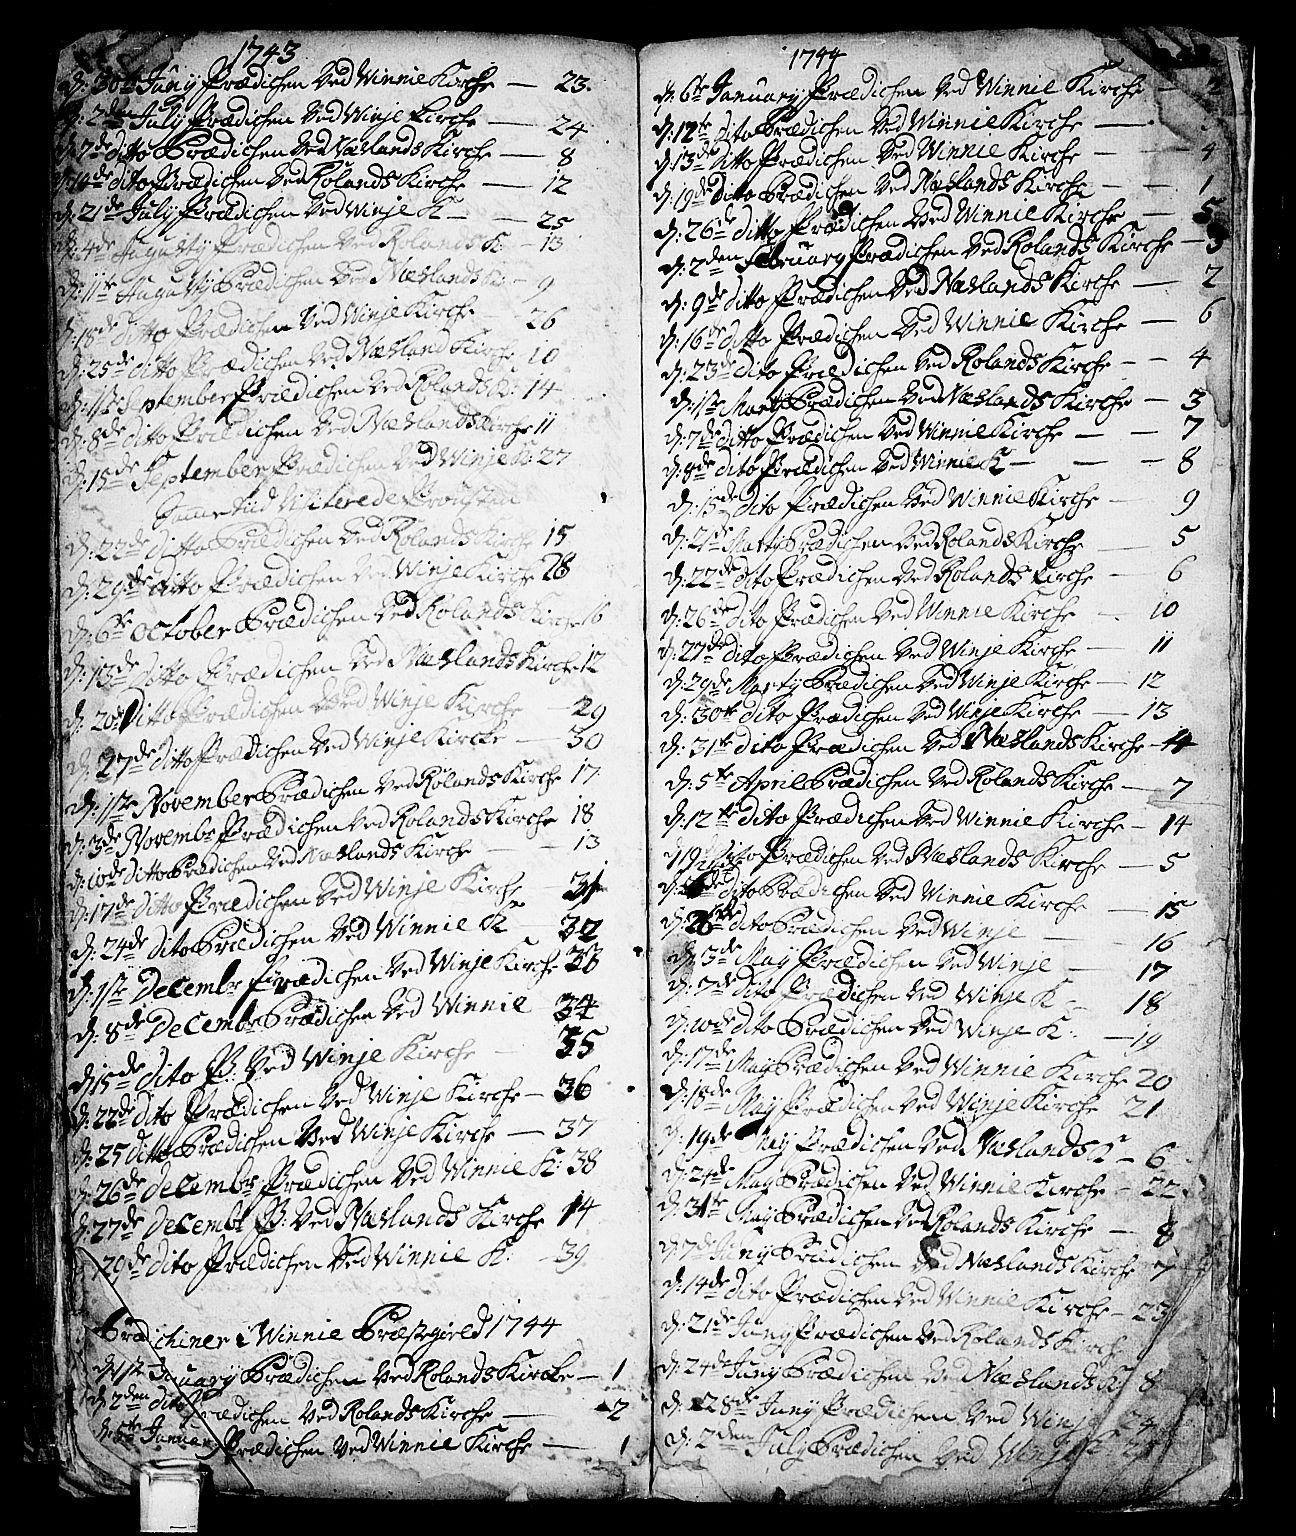 SAKO, Vinje kirkebøker, F/Fa/L0001: Ministerialbok nr. I 1, 1717-1766, s. 258